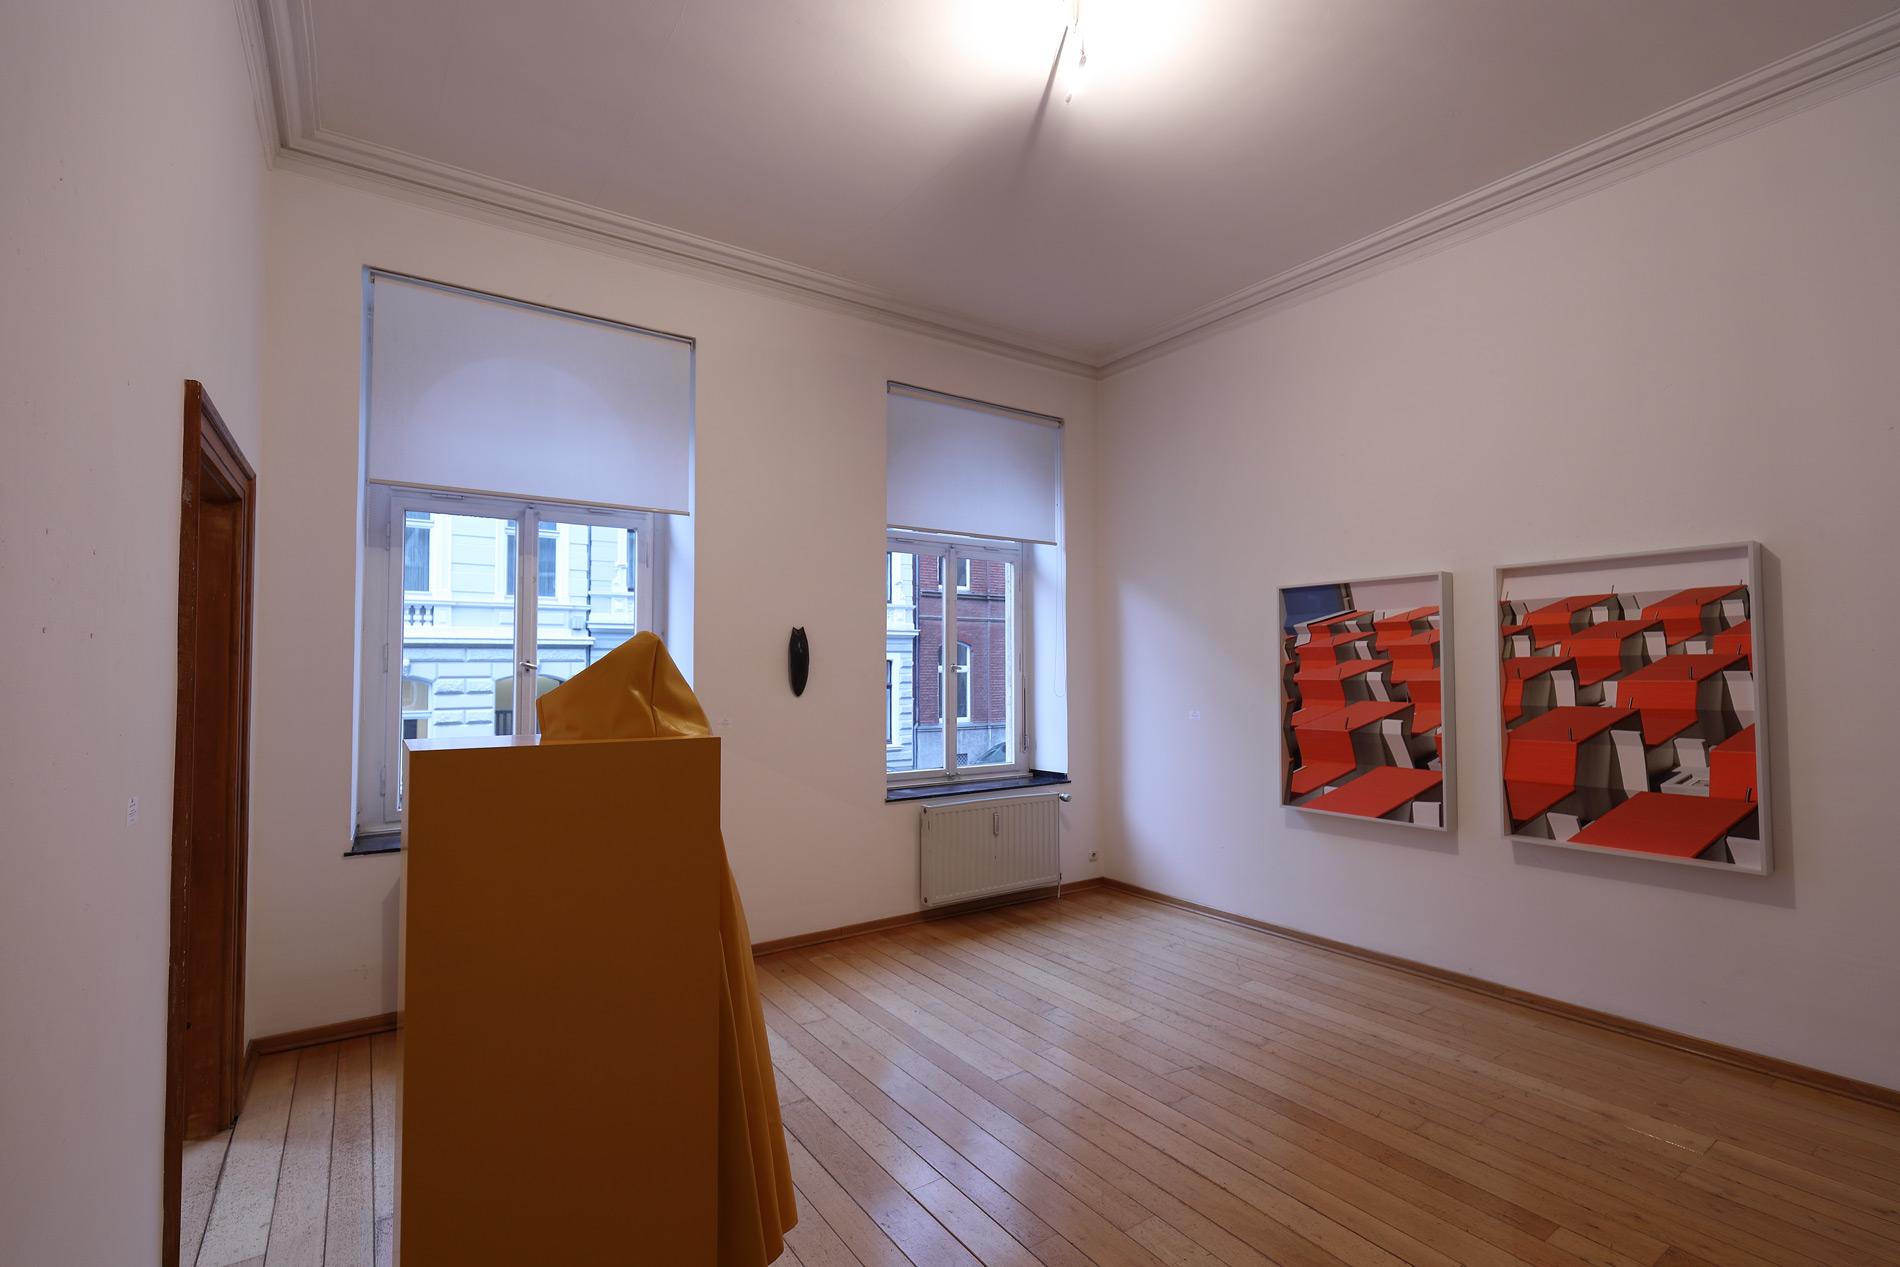 Galerie Löhrl - o. T.